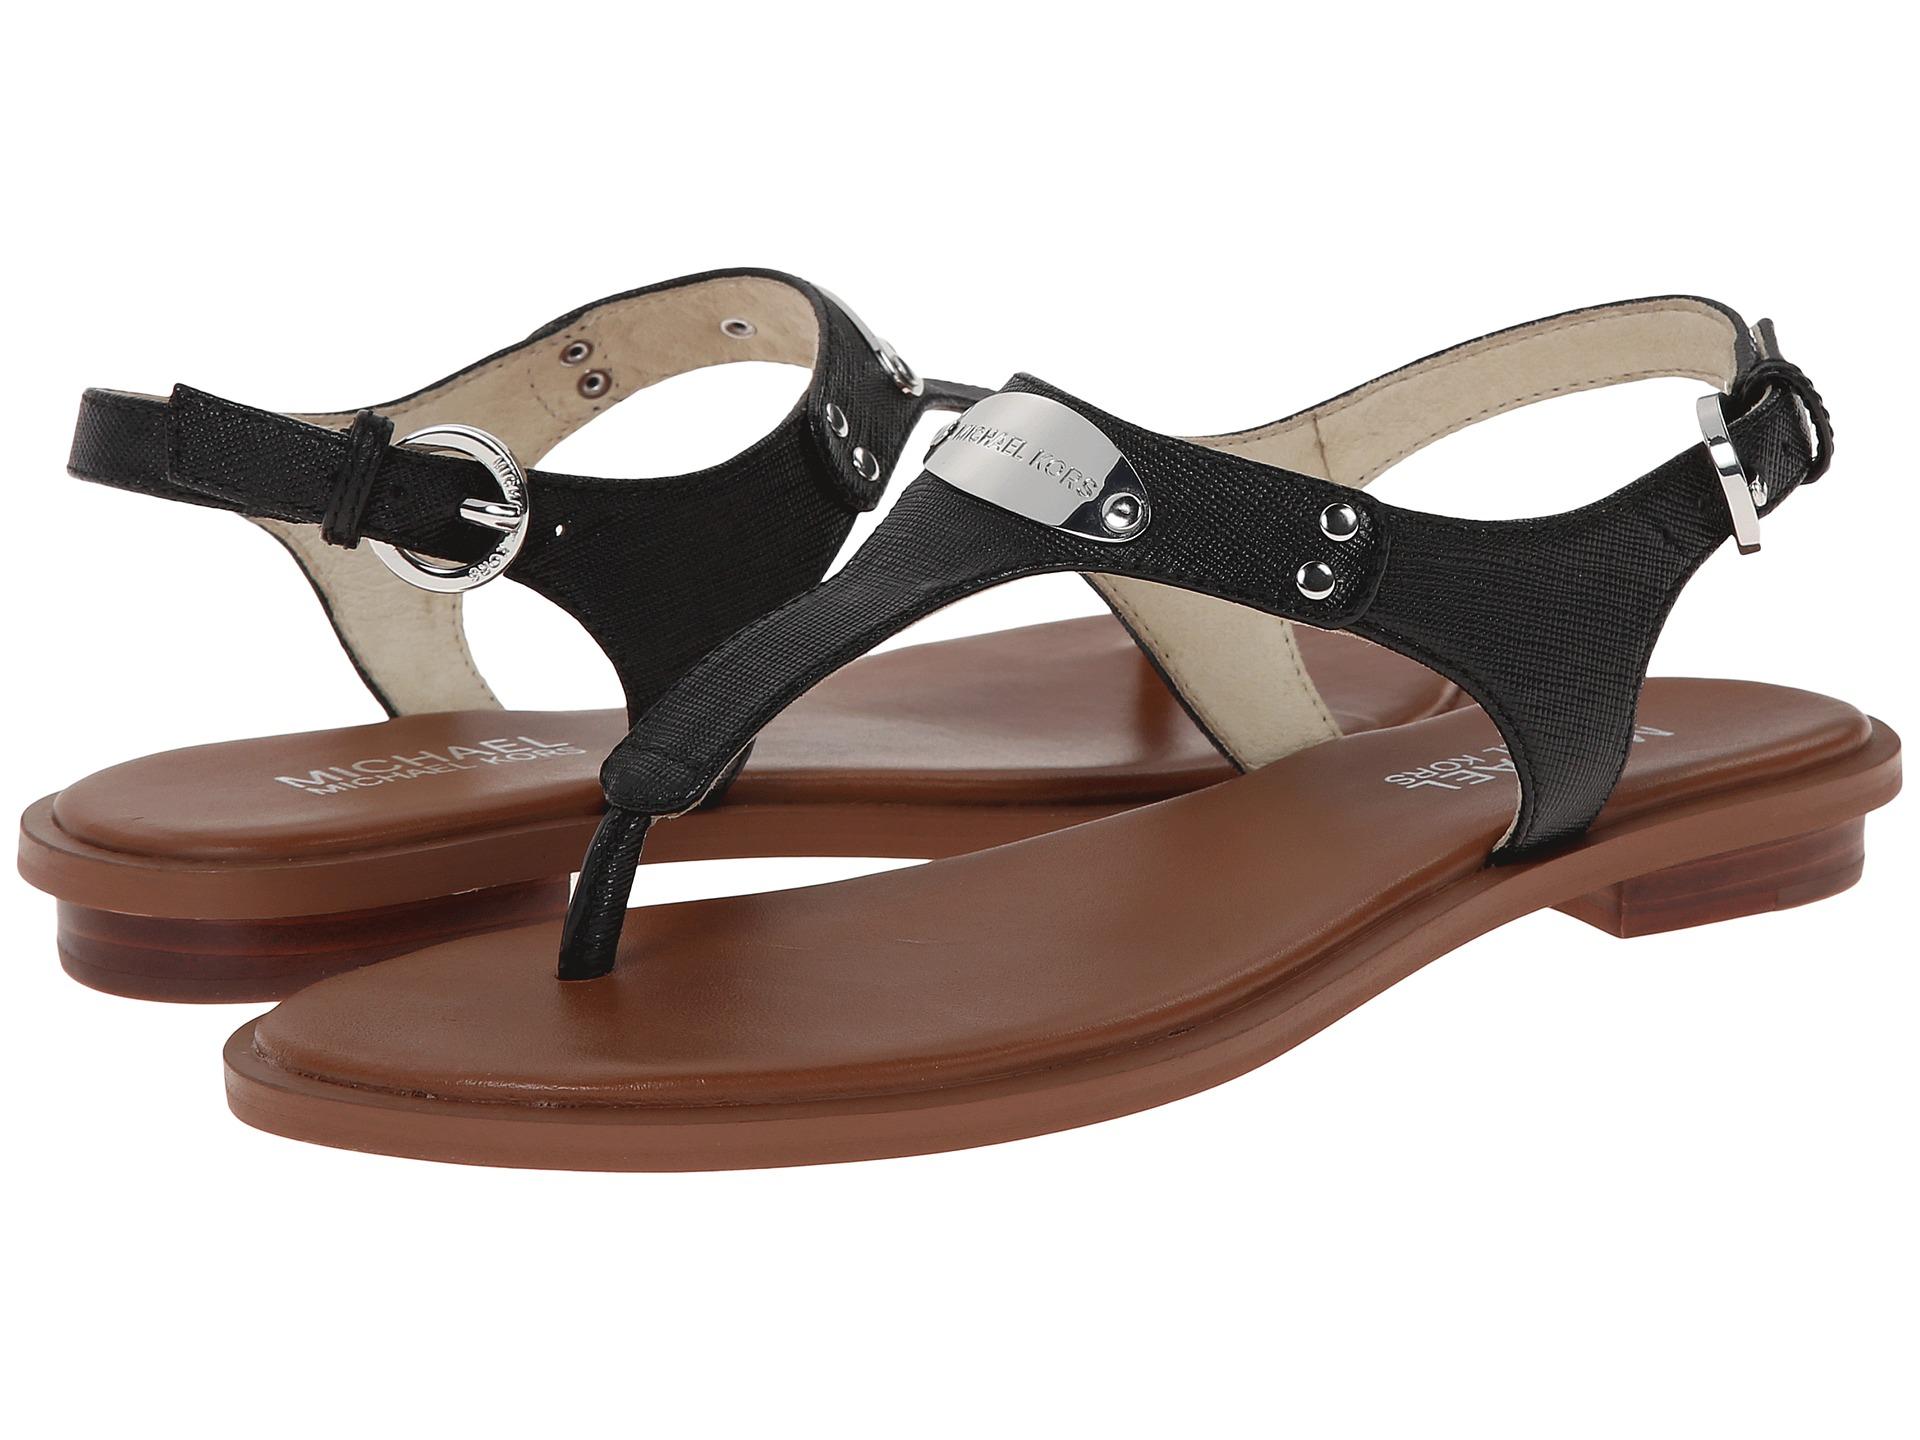 Black mk sandals - Black Mk Sandals 12